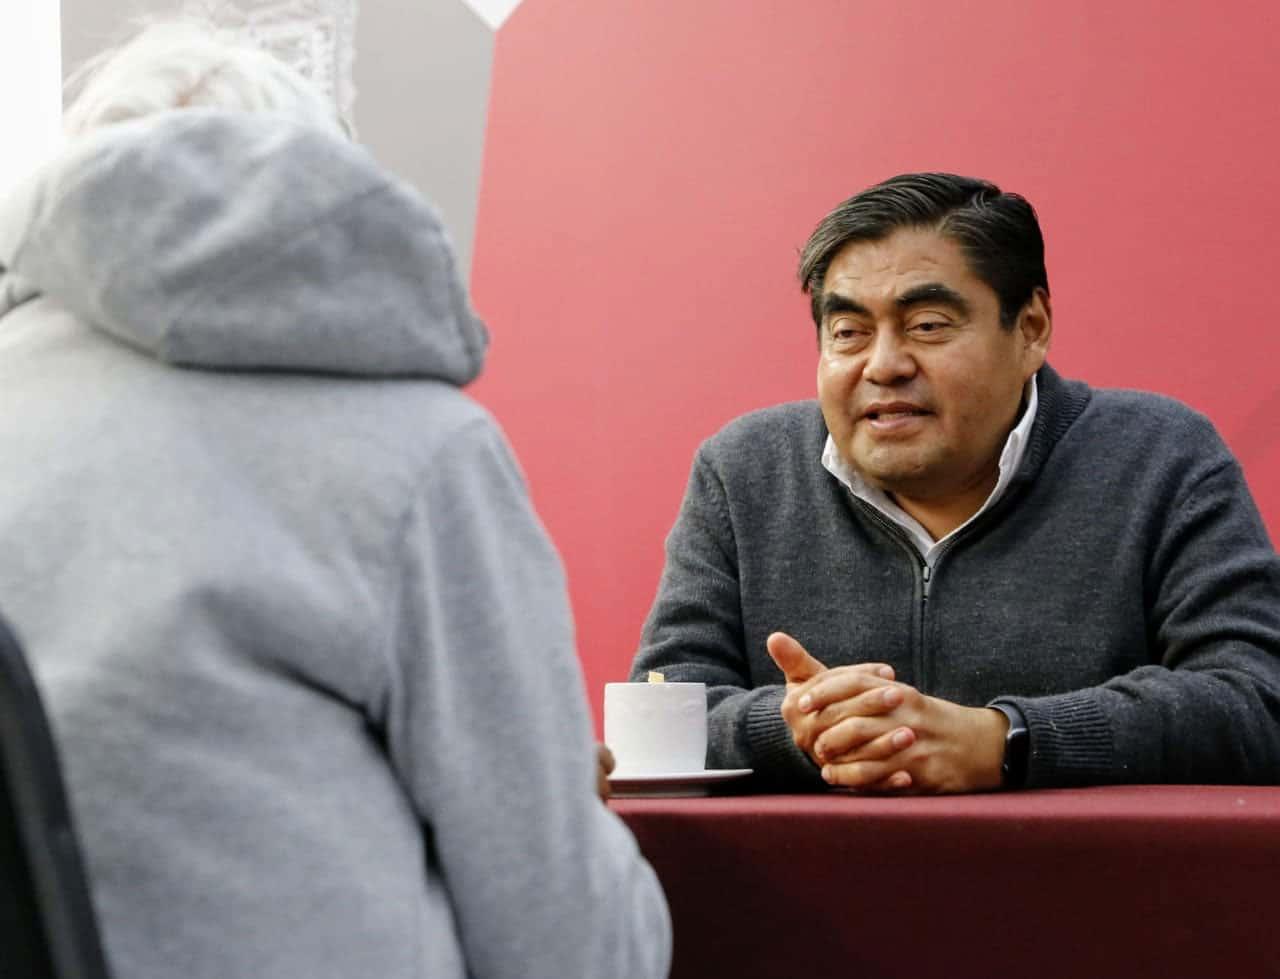 Llegará Jornada de Atención Ciudadana a Tehuacán, anuncia Barbosa Huerta